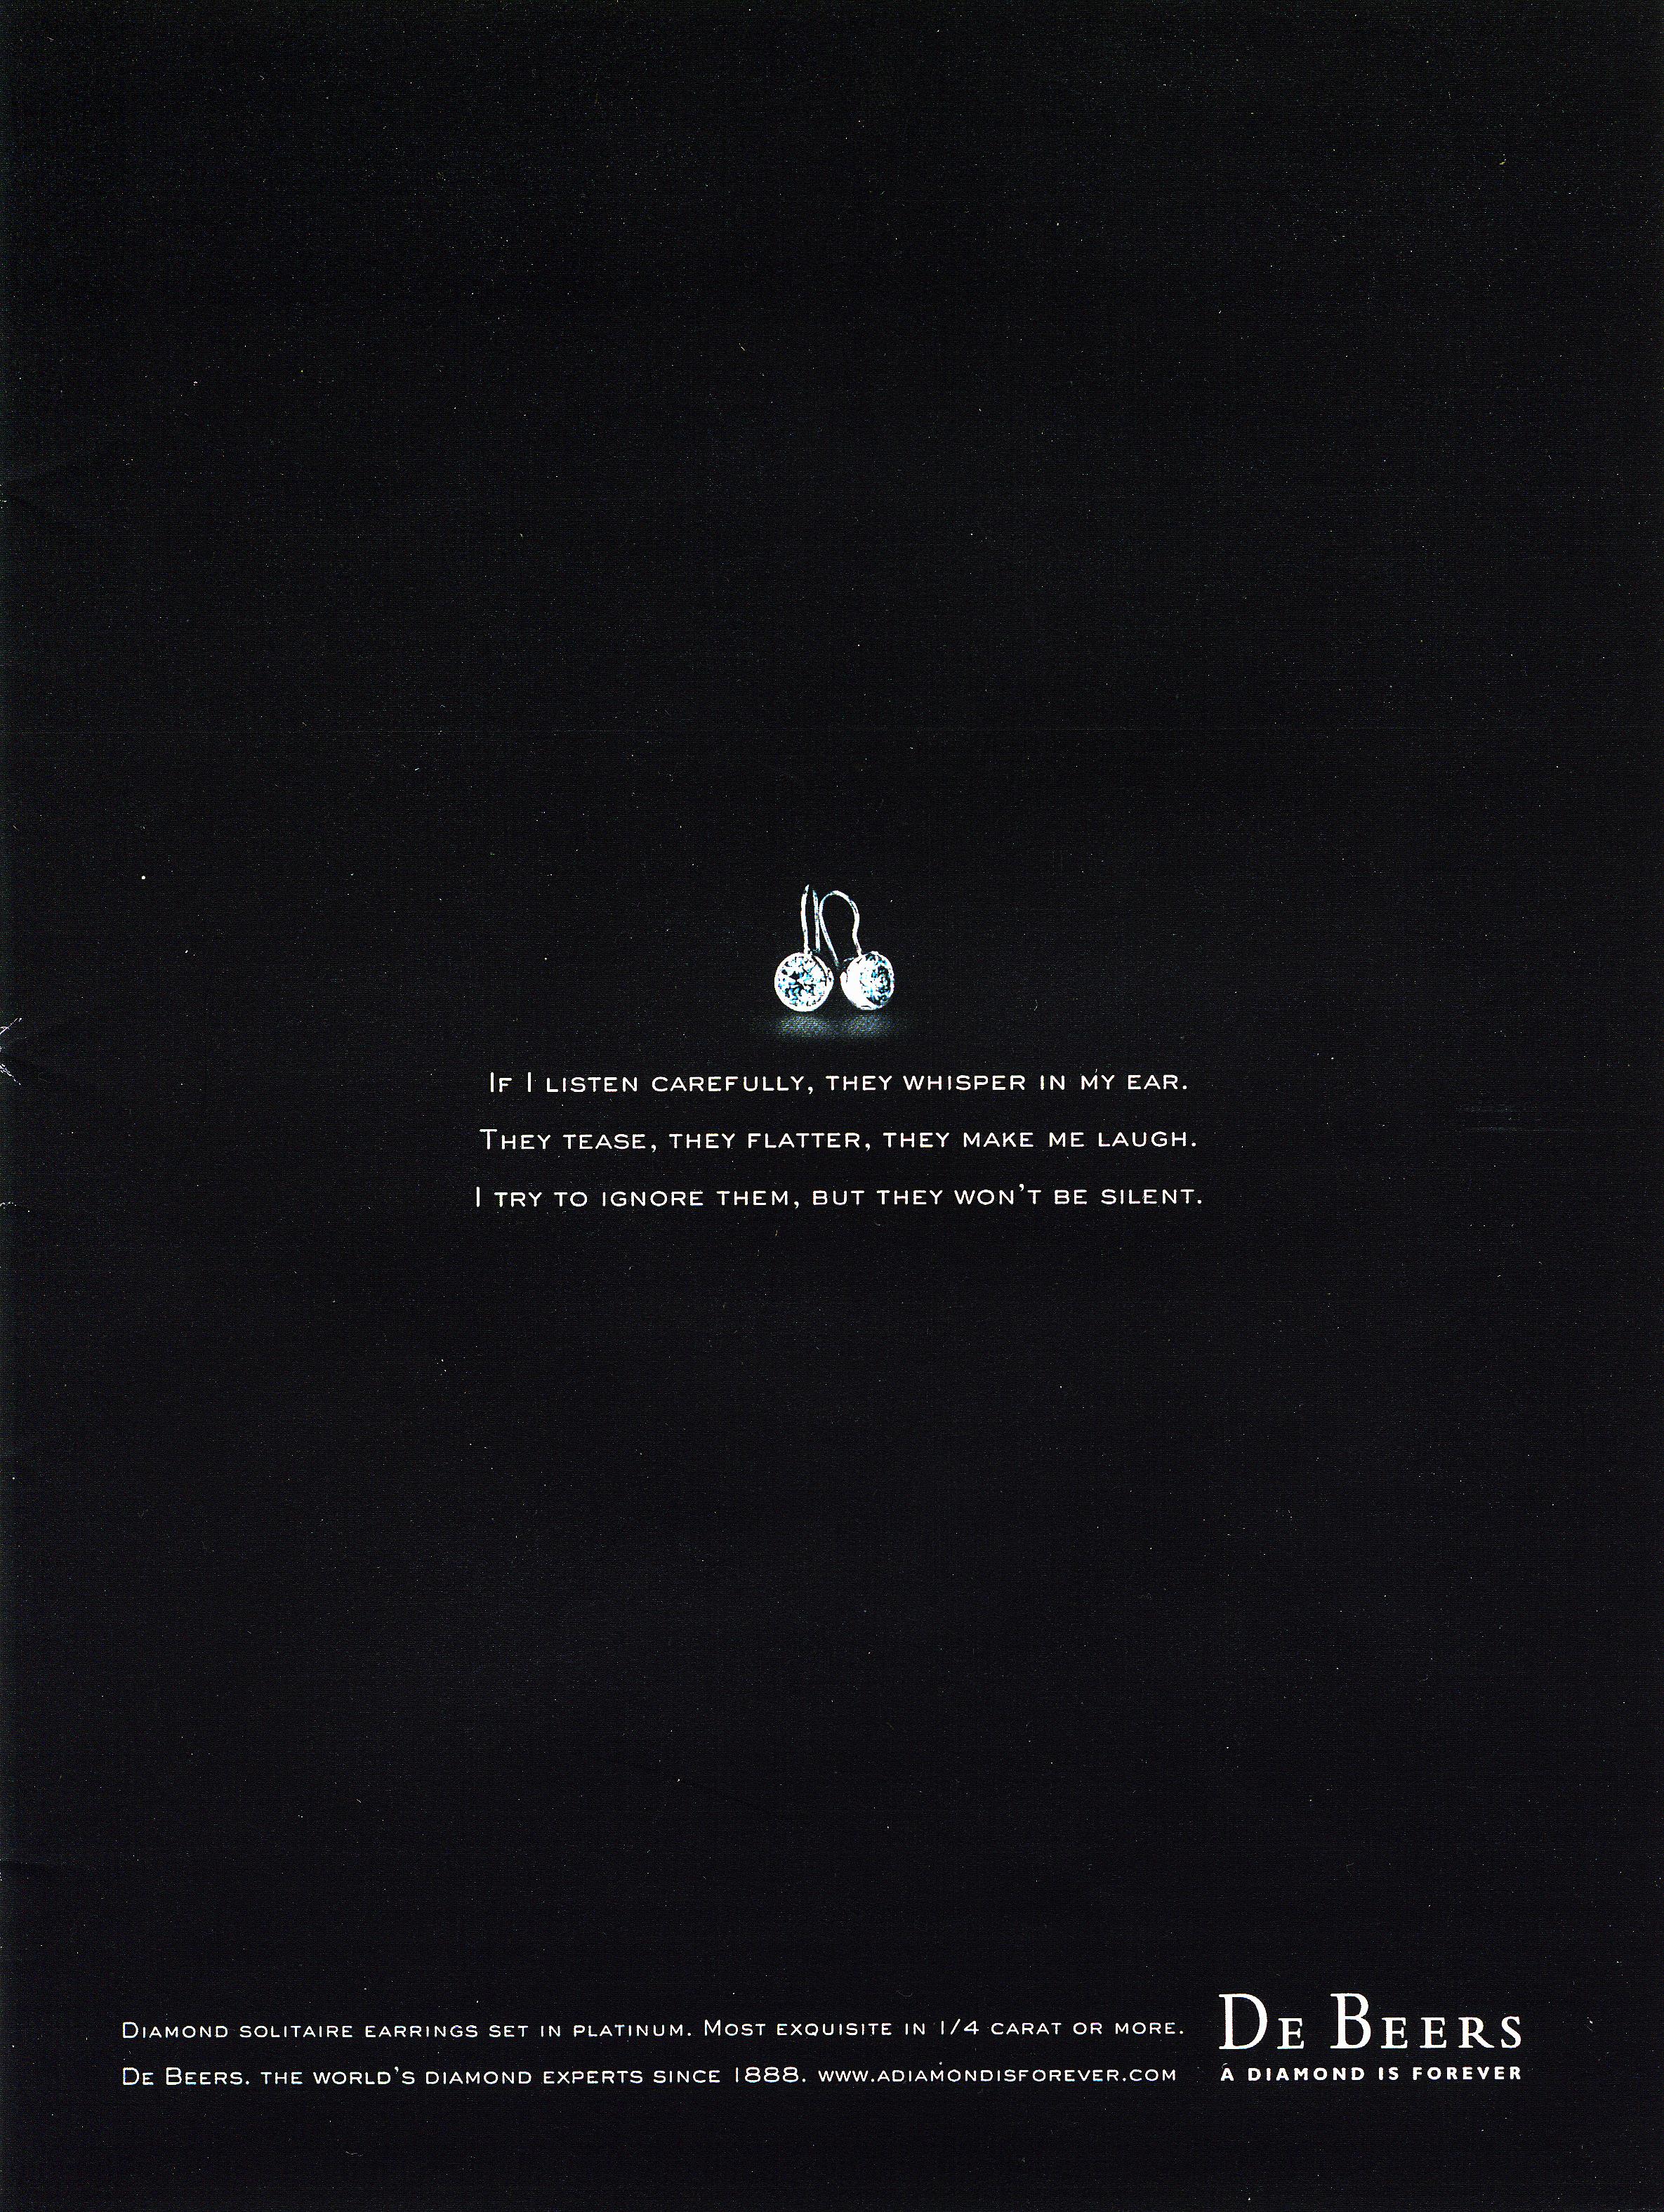 2000-DeBeers_1.jpg